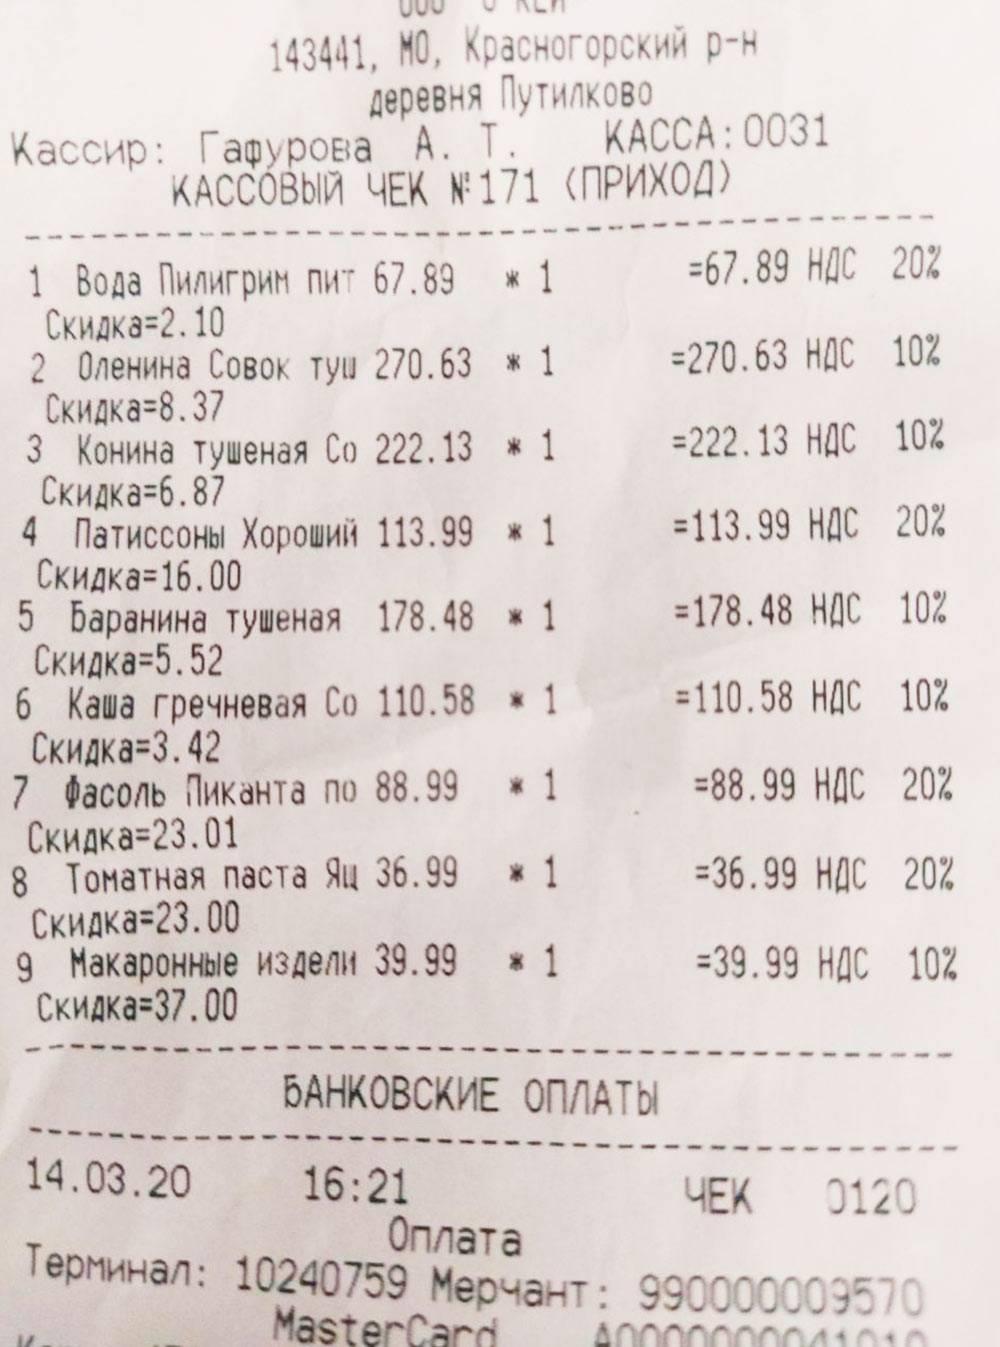 В этом чеке из «Окея» четыре товара продавались по акции, а на остальных я сэкономил 26,28<span class=ruble>Р</span> — около 2% от общей суммы. Иногда случается, что все товары акционные, и тогда студенческий бесполезен